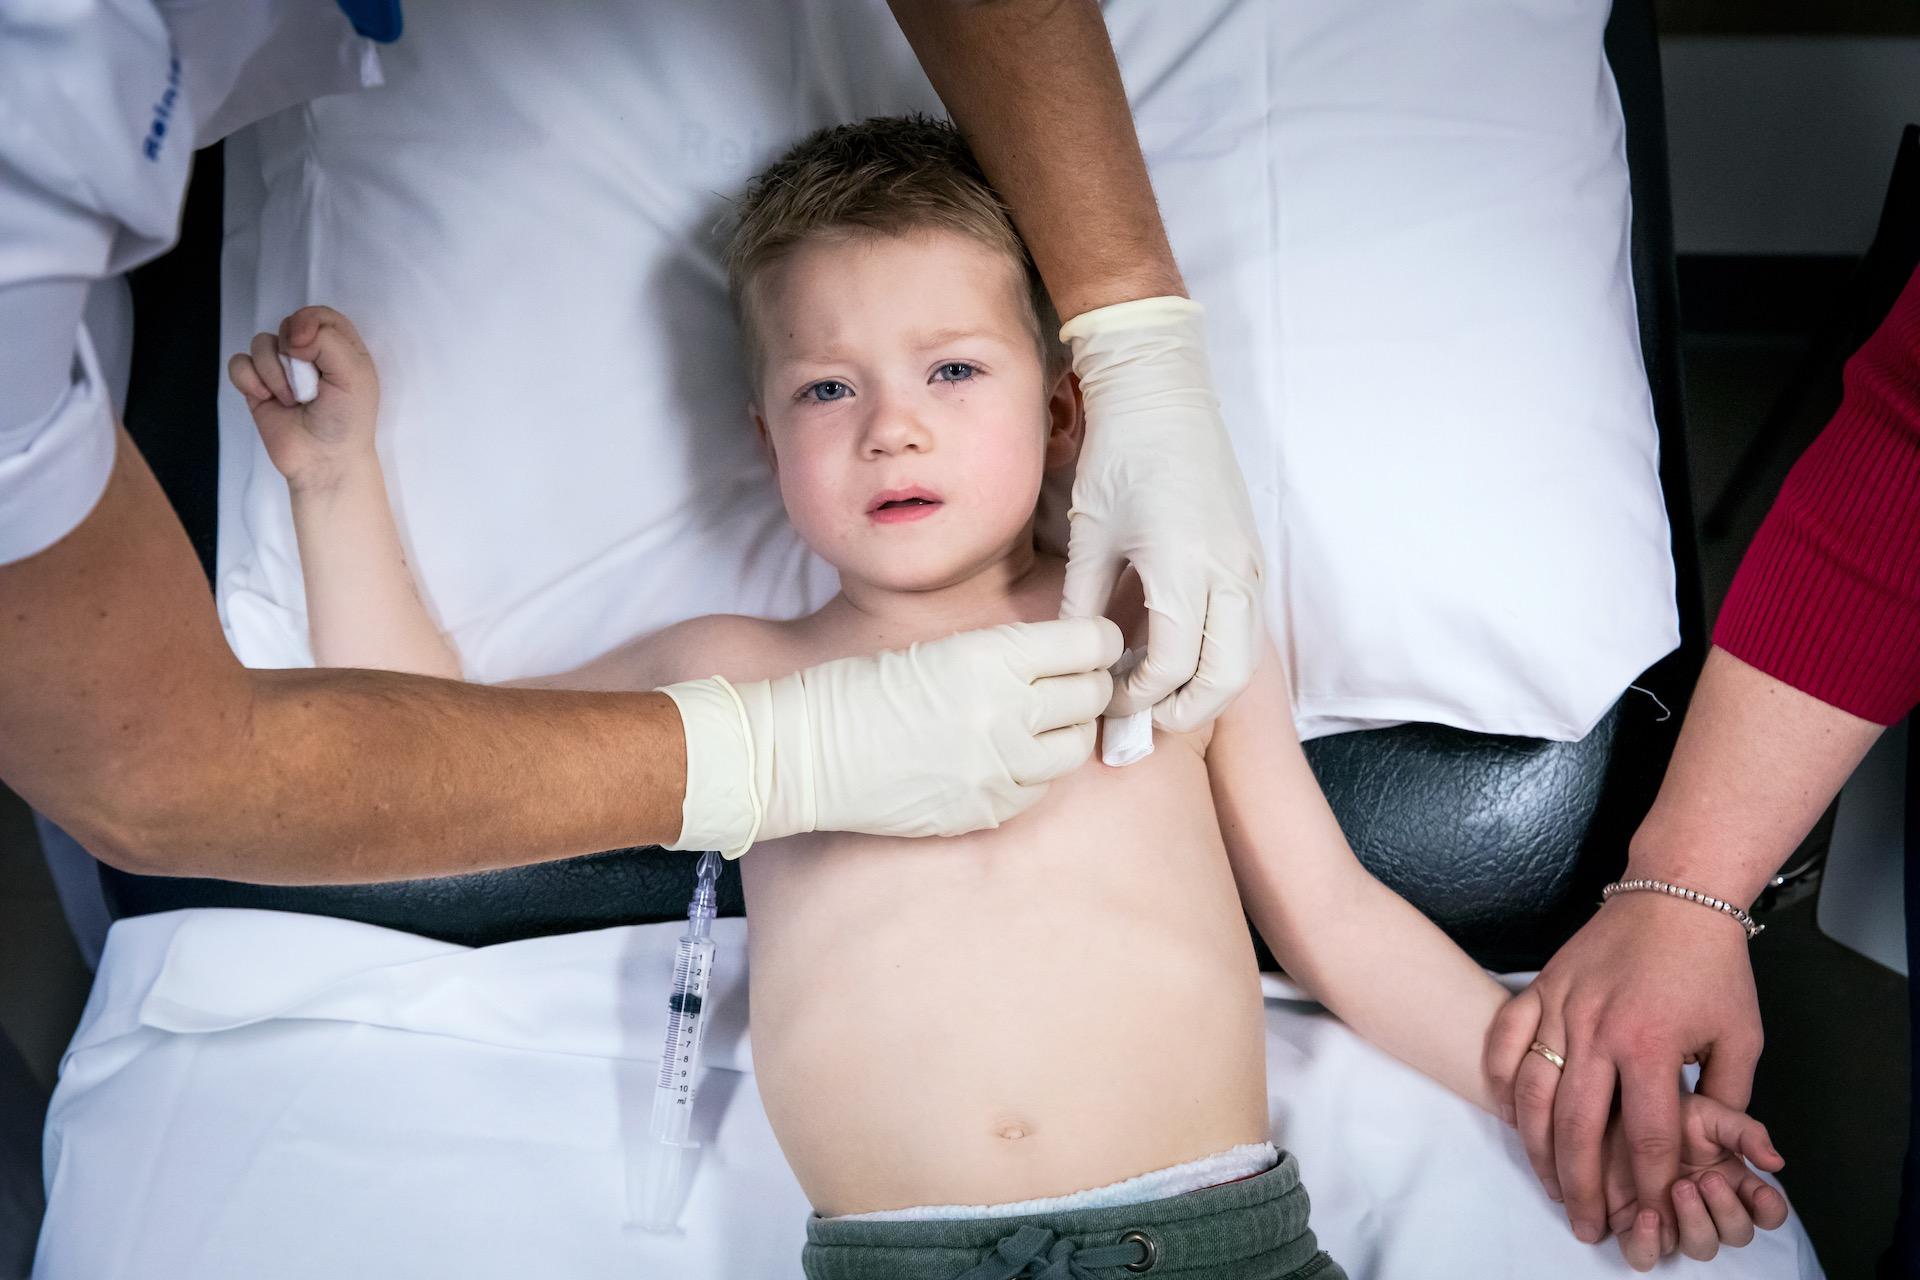 Ondanks zijn jonge leeftijd wordt Daley (3) al twee jaar behandeld tegen leukemie. Elke week moet hij naar het ziekenhuis. Op donderdag krijgt hij voor de 107e keer een prik. Zijn porth a cath wordt voor de 91e keer aangeprikt. En hij krijgt voor de 114e keer chemo door zijn lijn. In totaal heeft Daley 646 chemo's gehad. Ook is hij 46 keer opgenomen, waarvan 31 keer in isolatie en 14 keer spoedopname. Zo klein en 17 keer geopereerd, 34 neussondes gehad, 120 rotdagen, 5 ritjes met de ambulance.